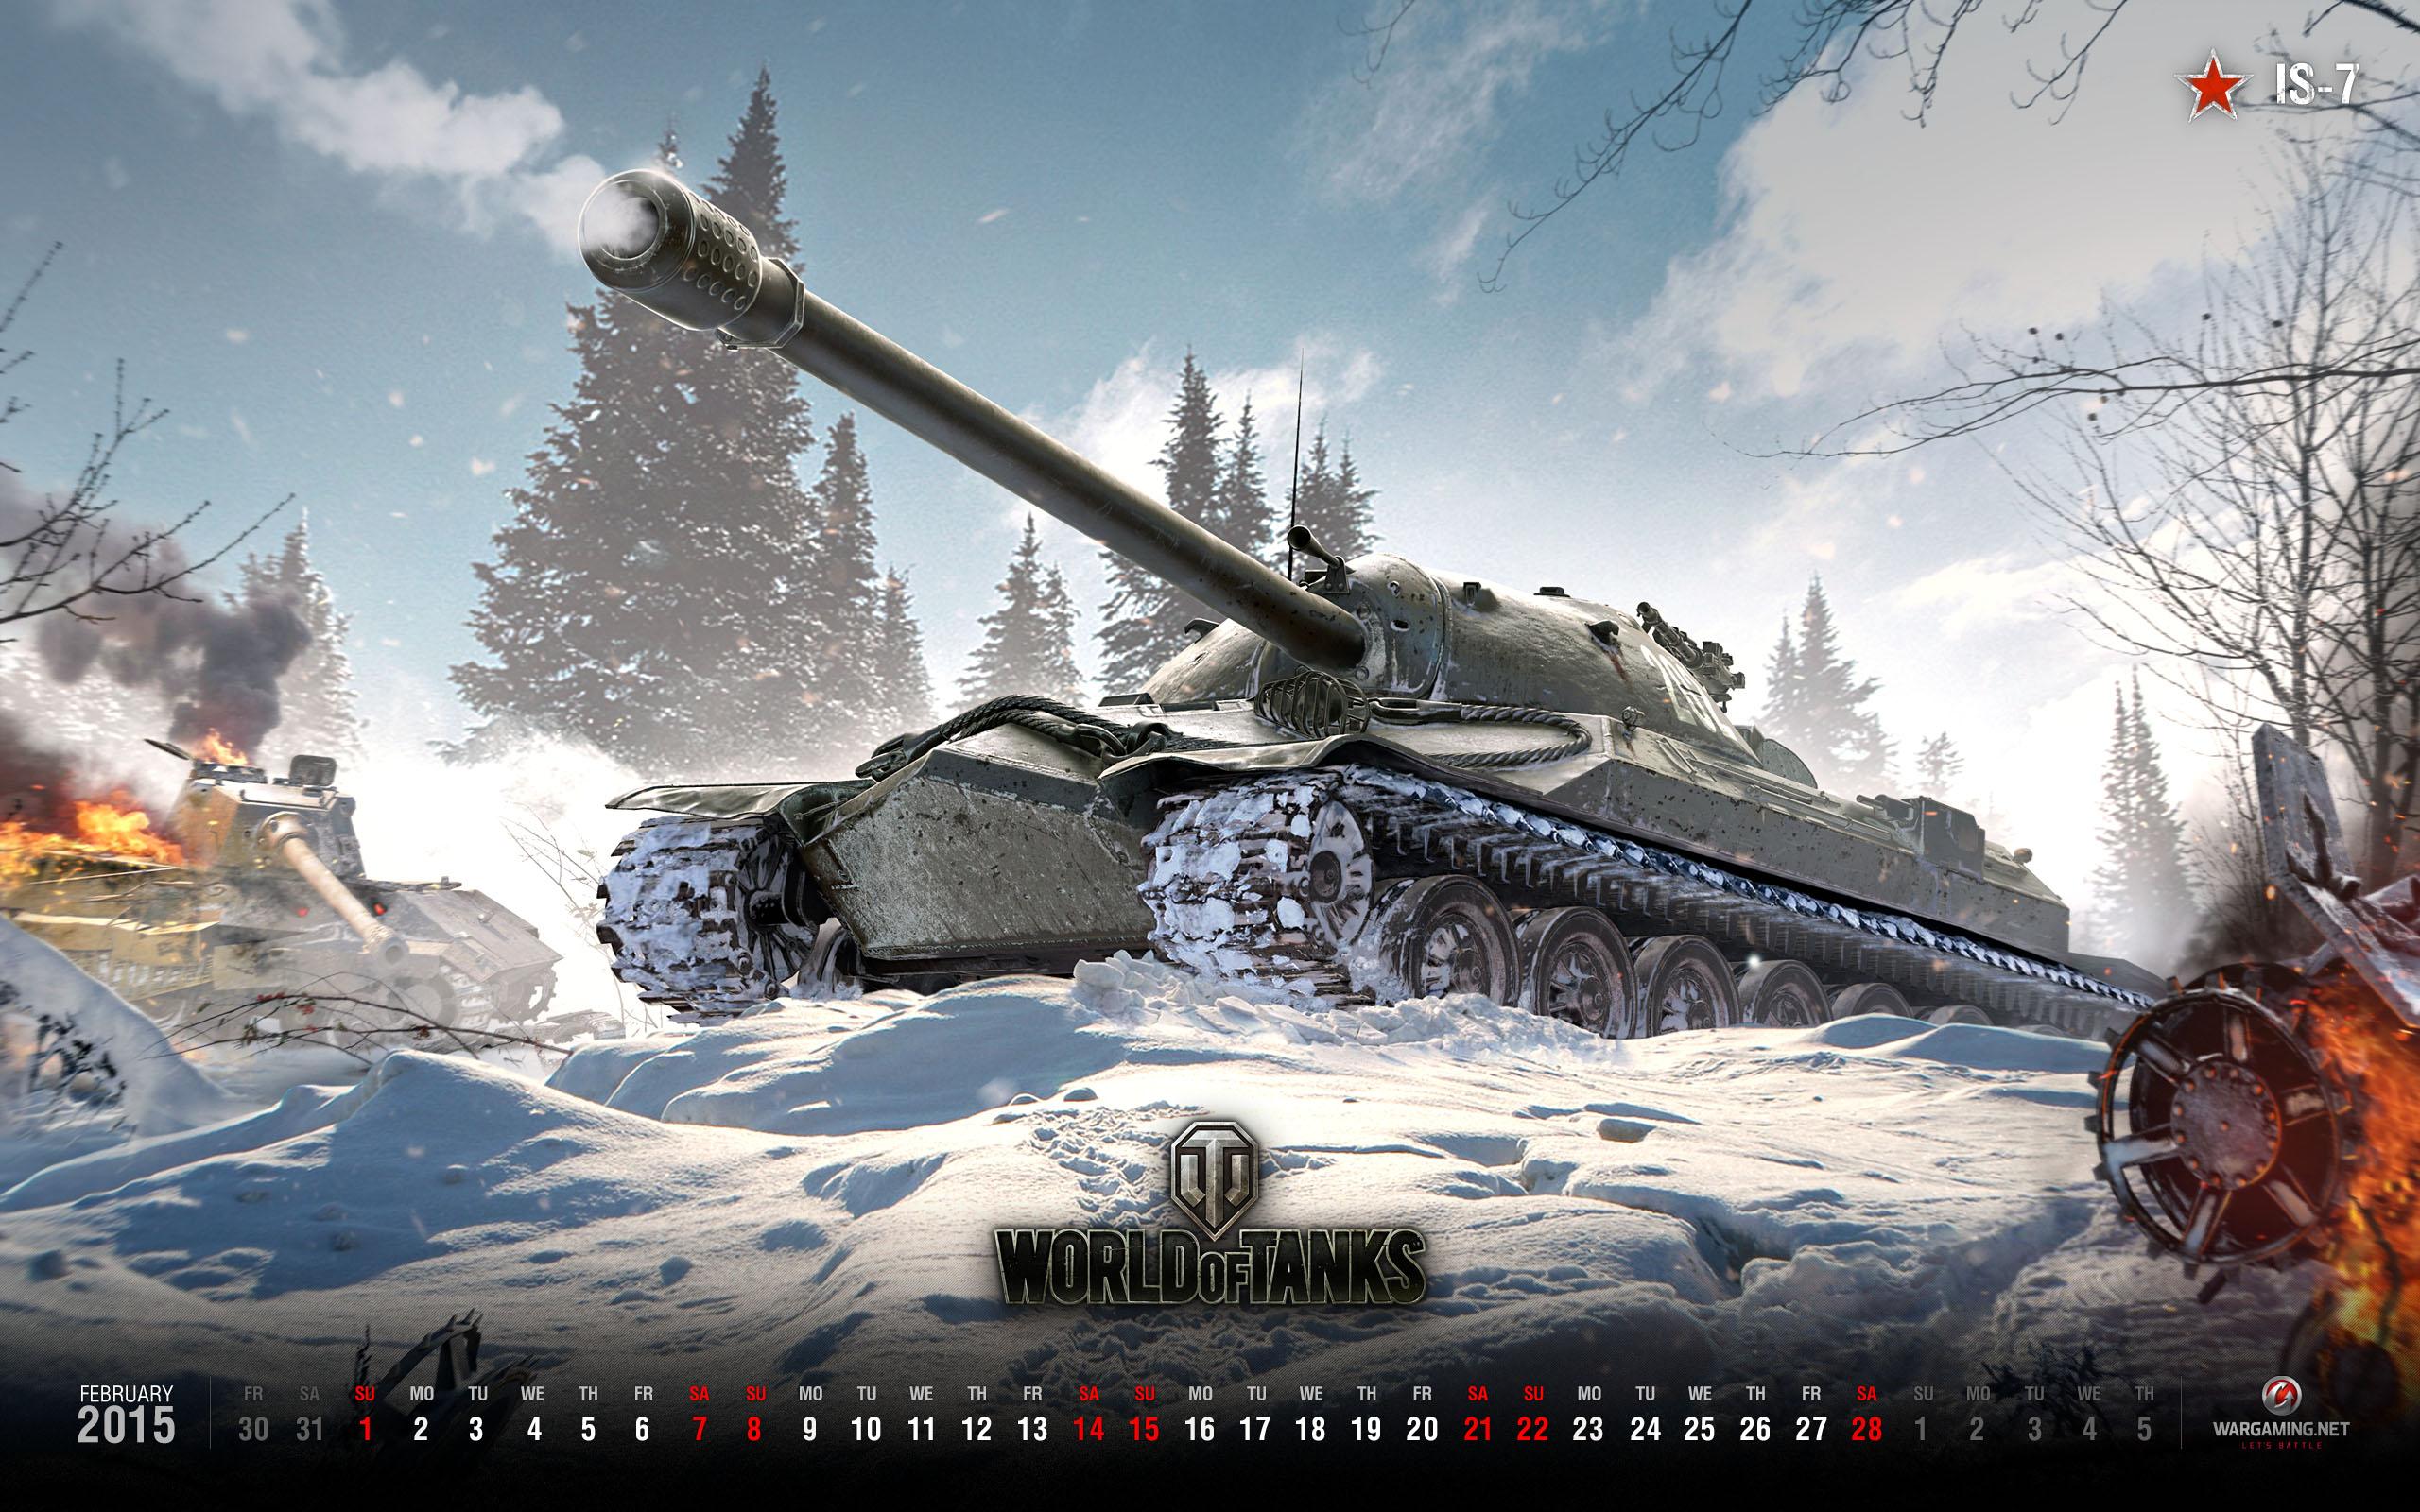 February Wallpaper News World of Tanks 2560x1600